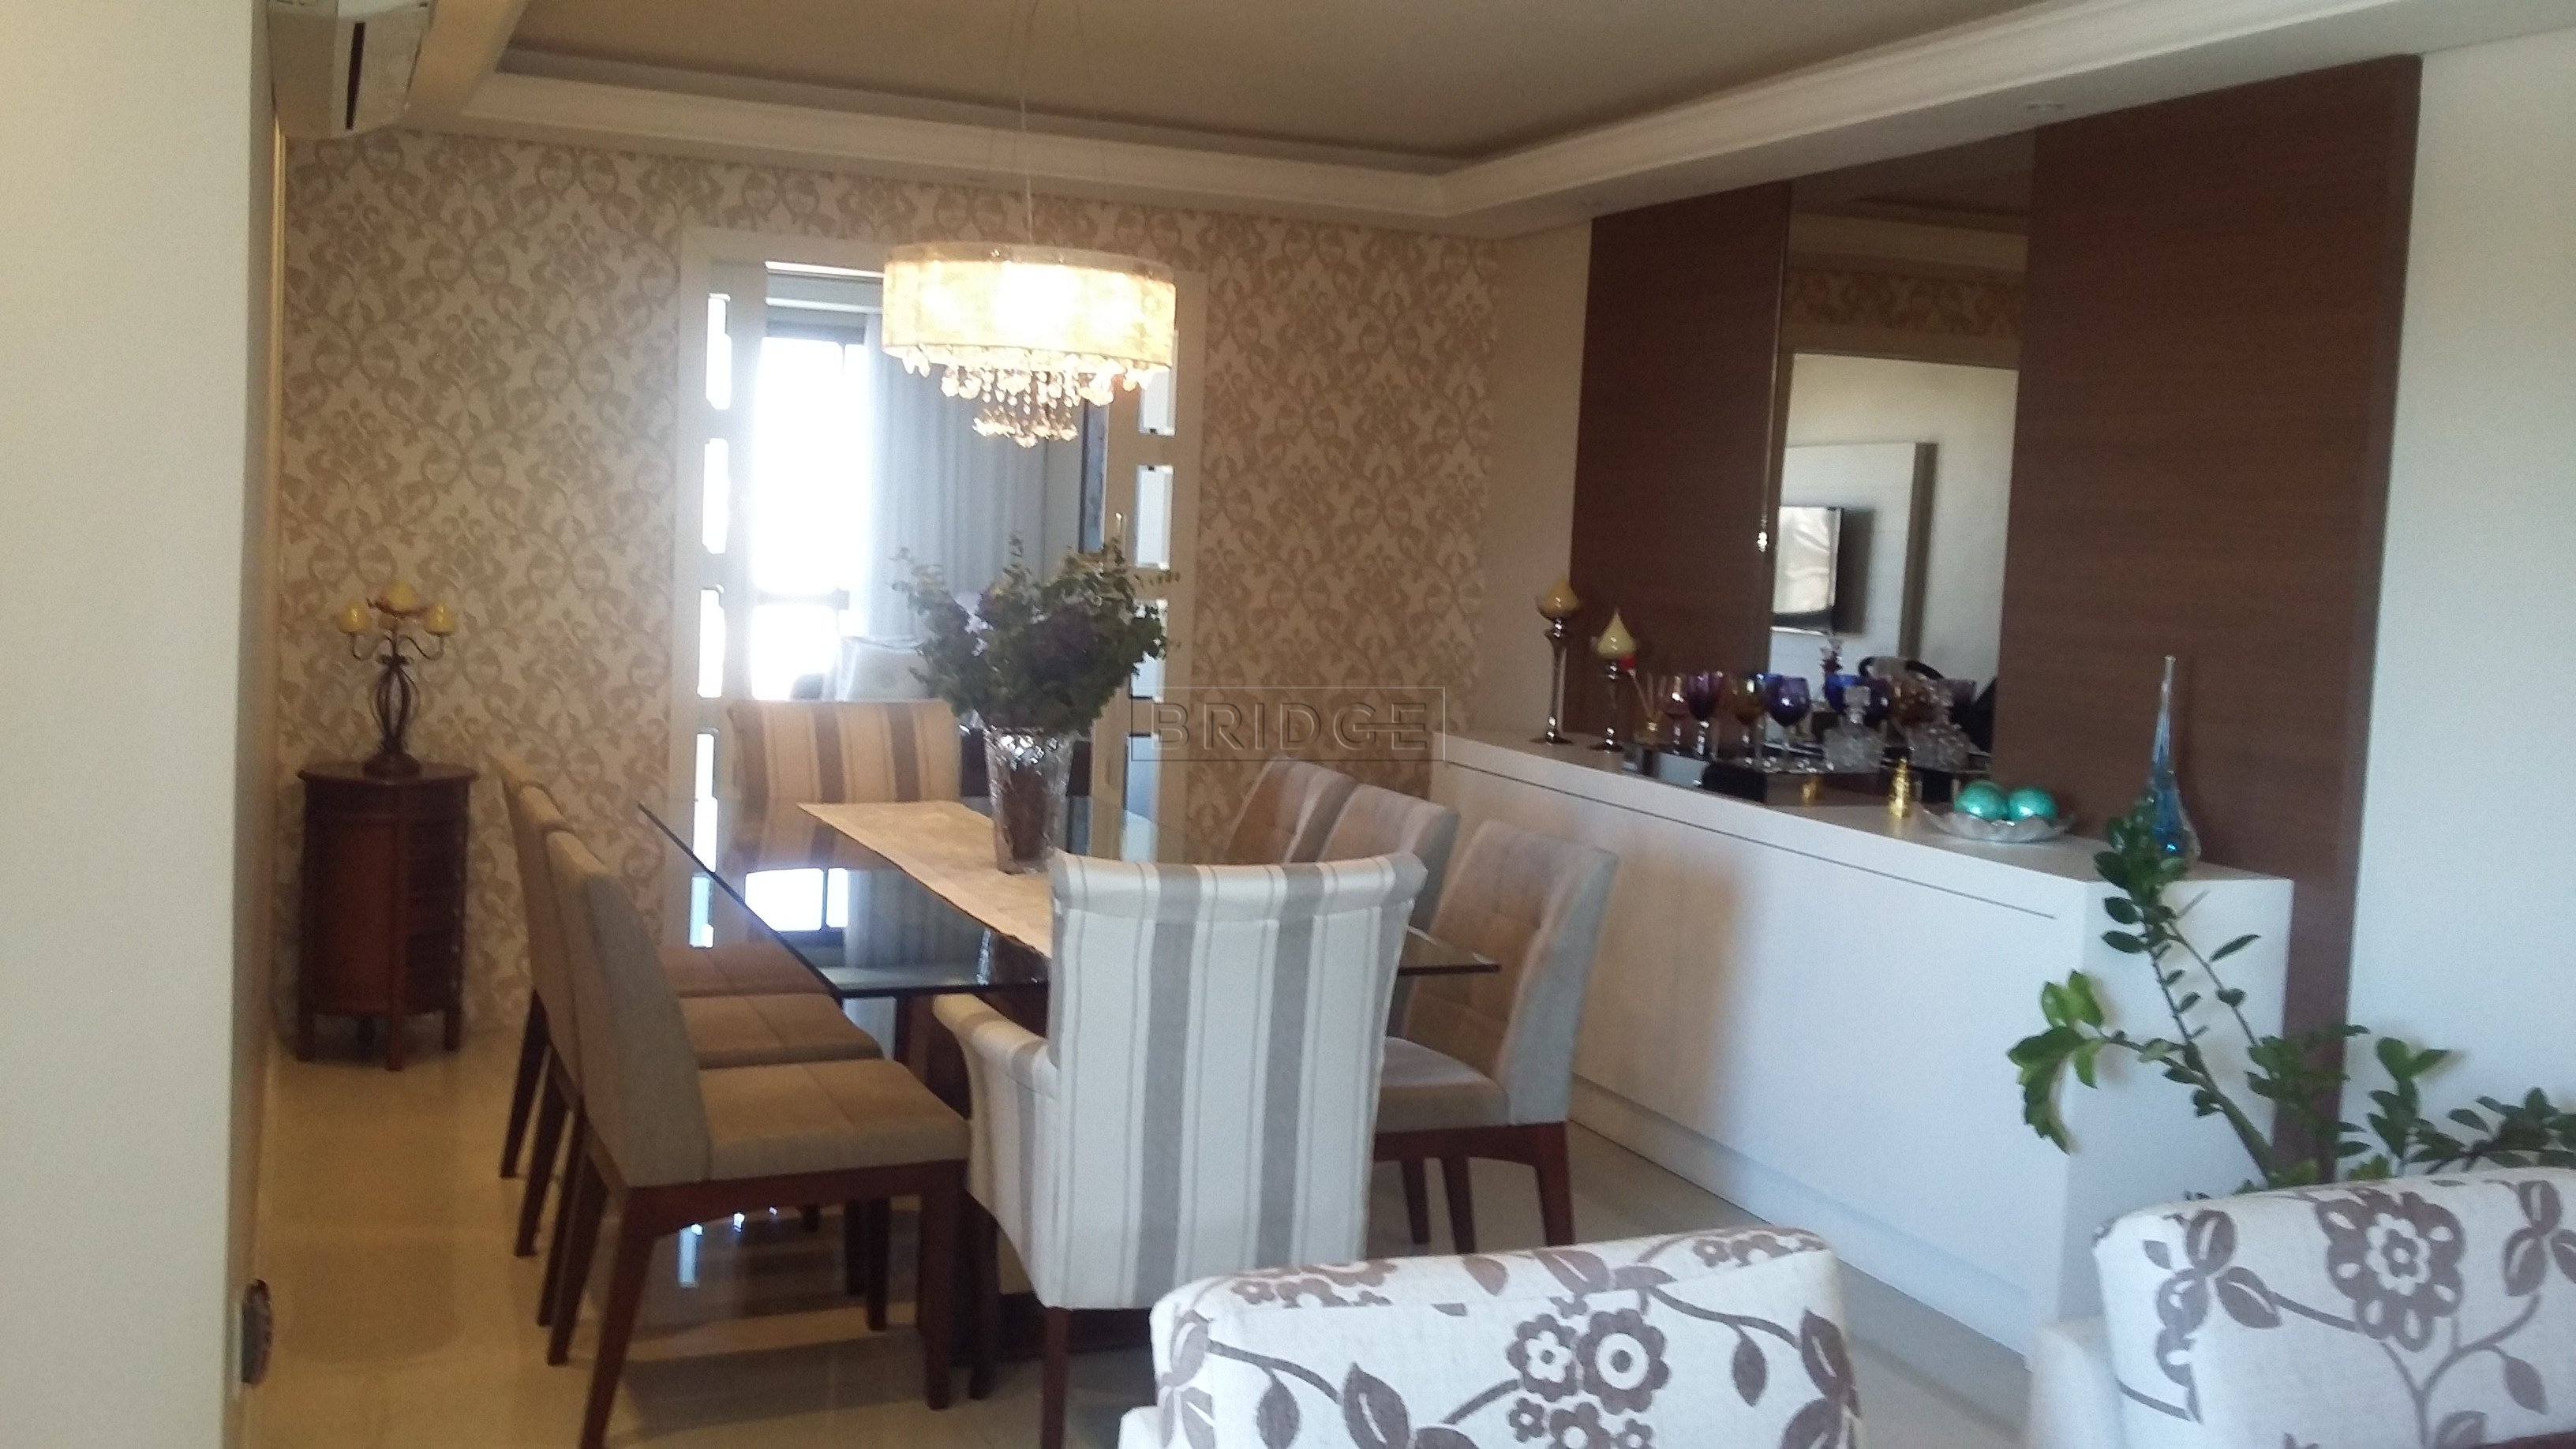 Apartamento com 3 Dormitórios 1 Suíte e 2 Vagas de Garagem à venda  #654D38 3264x1836 Banheiro Acessível Dimensões